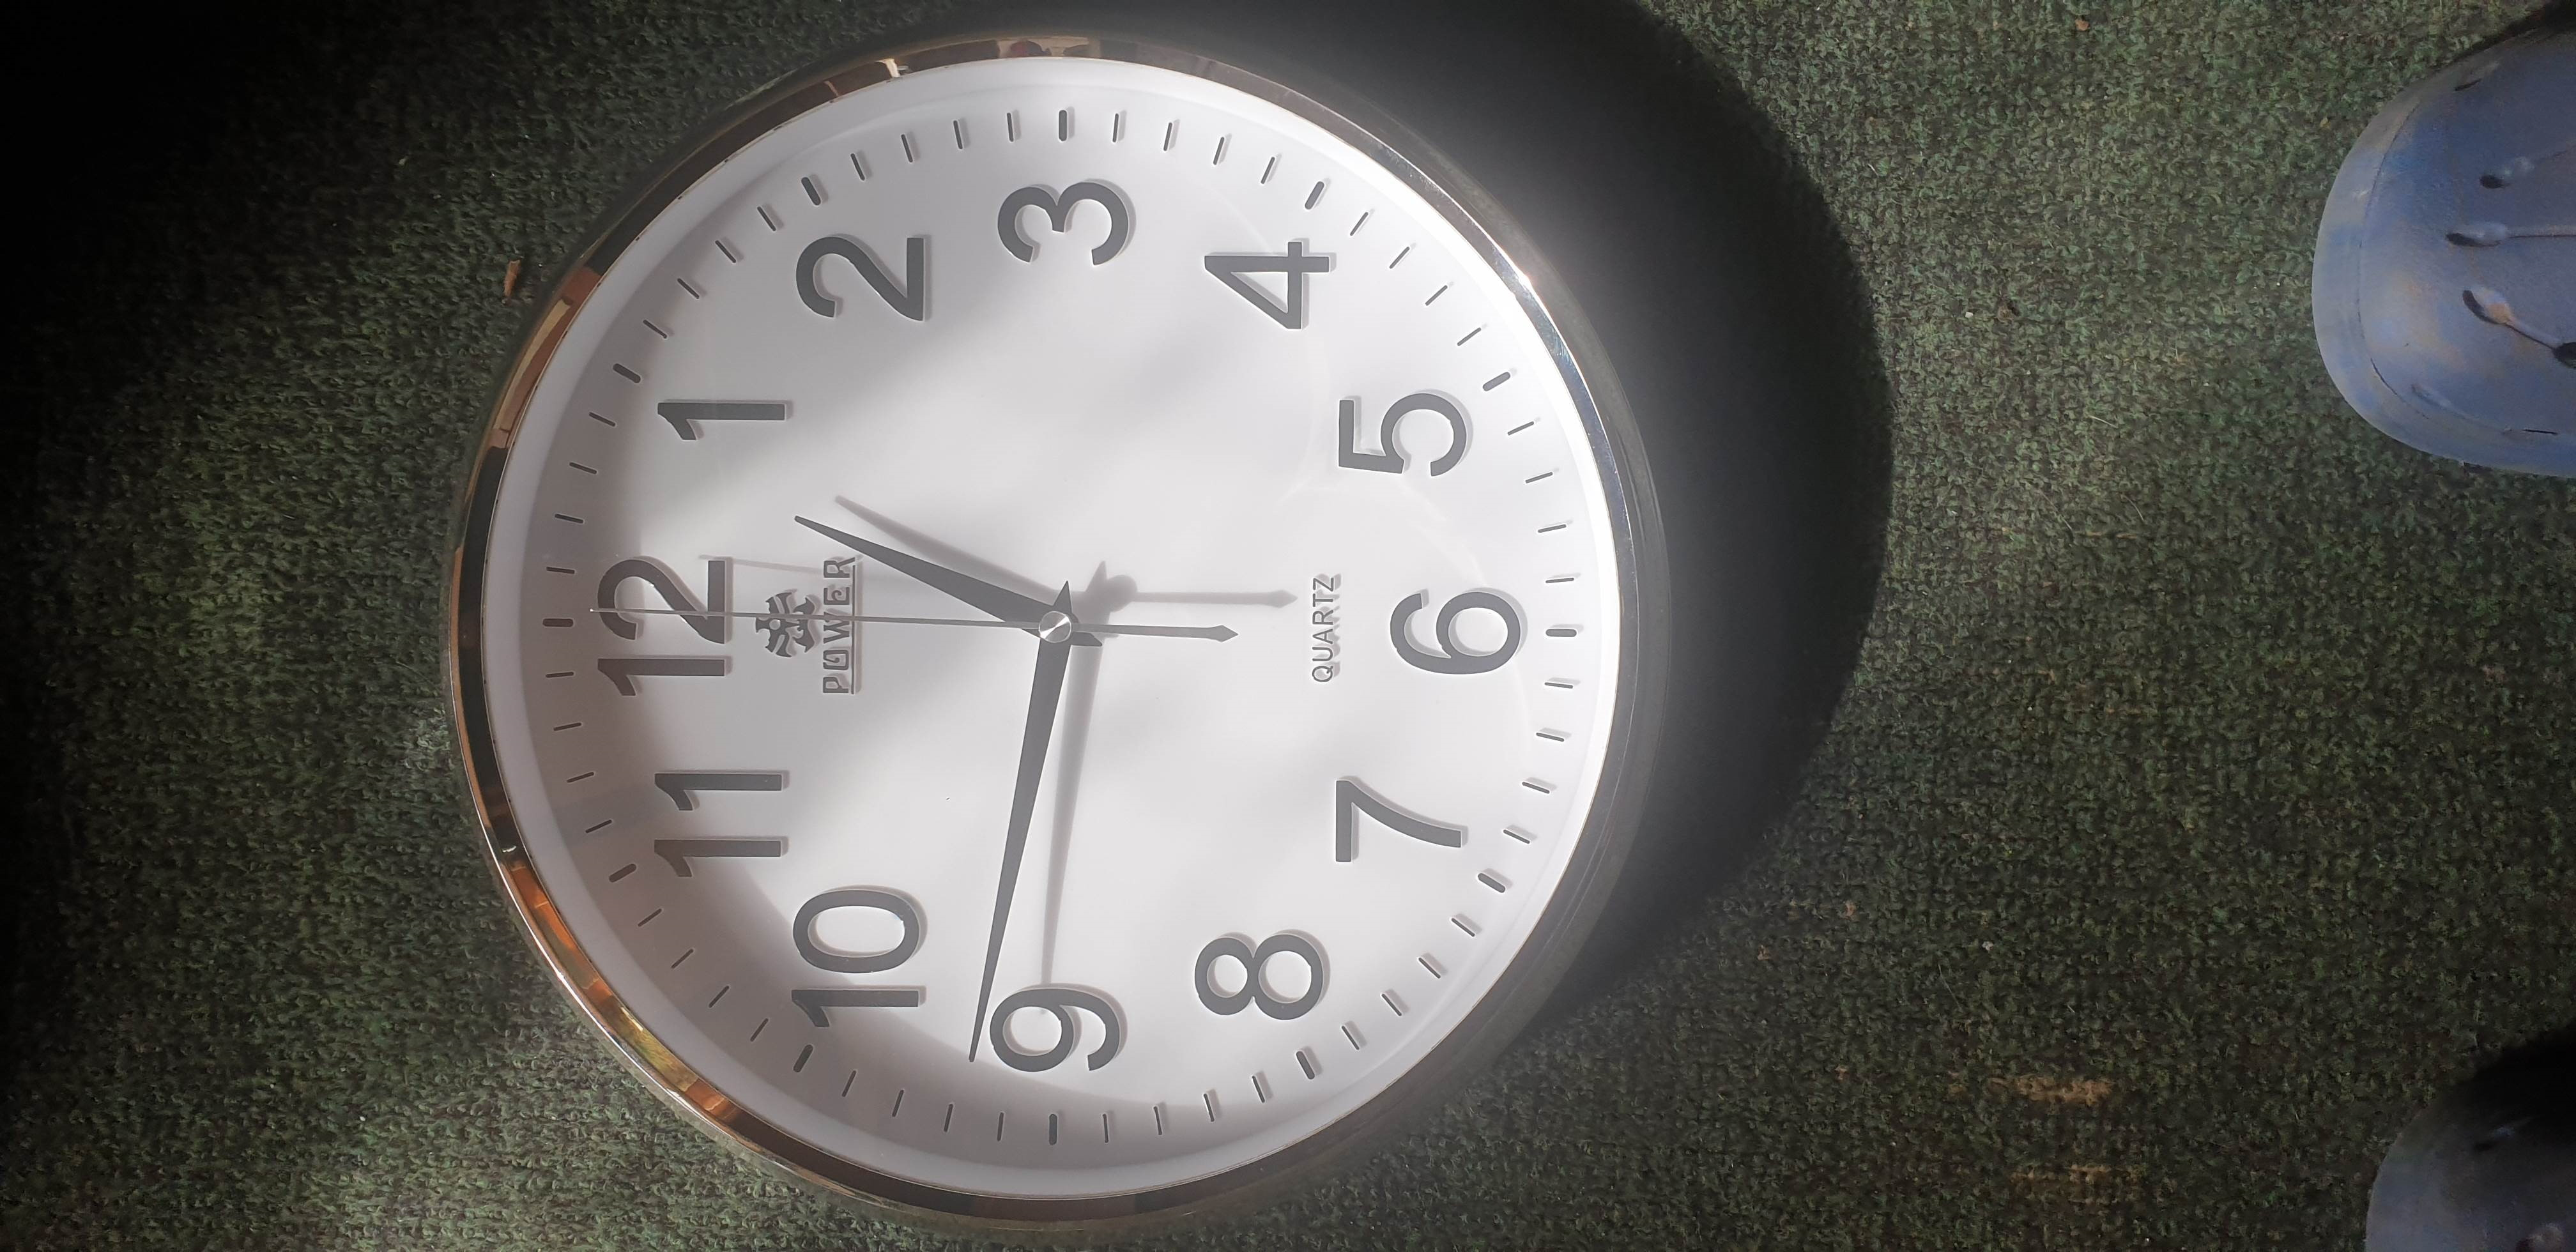 Laikrodis-slapta stebėjimo kamera su WI-FI